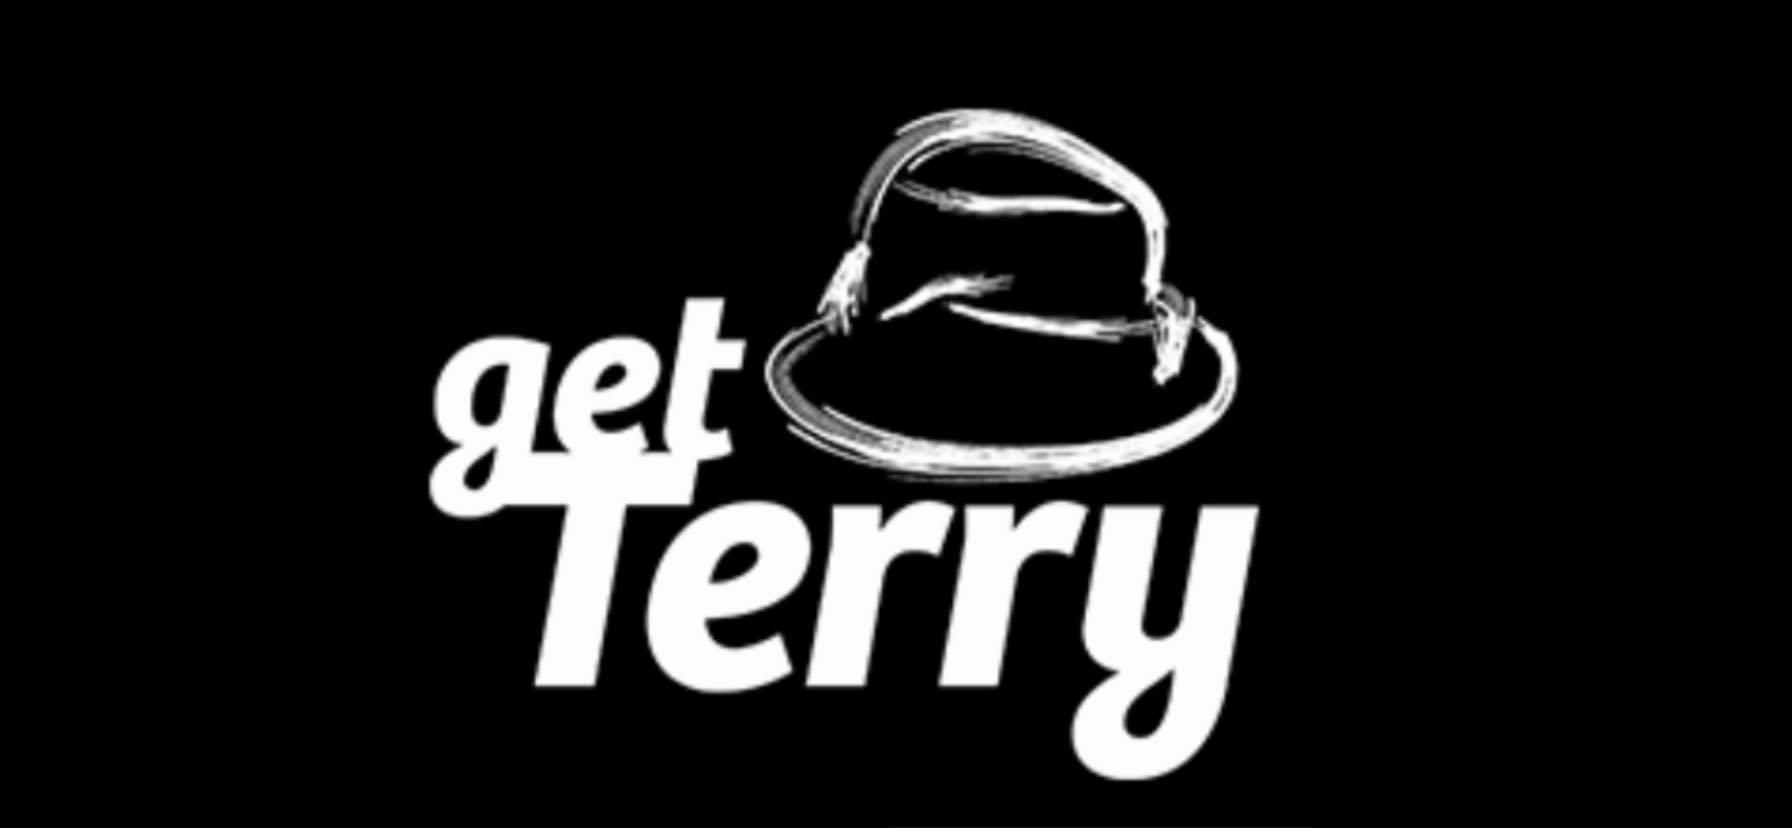 Getterry.jpg